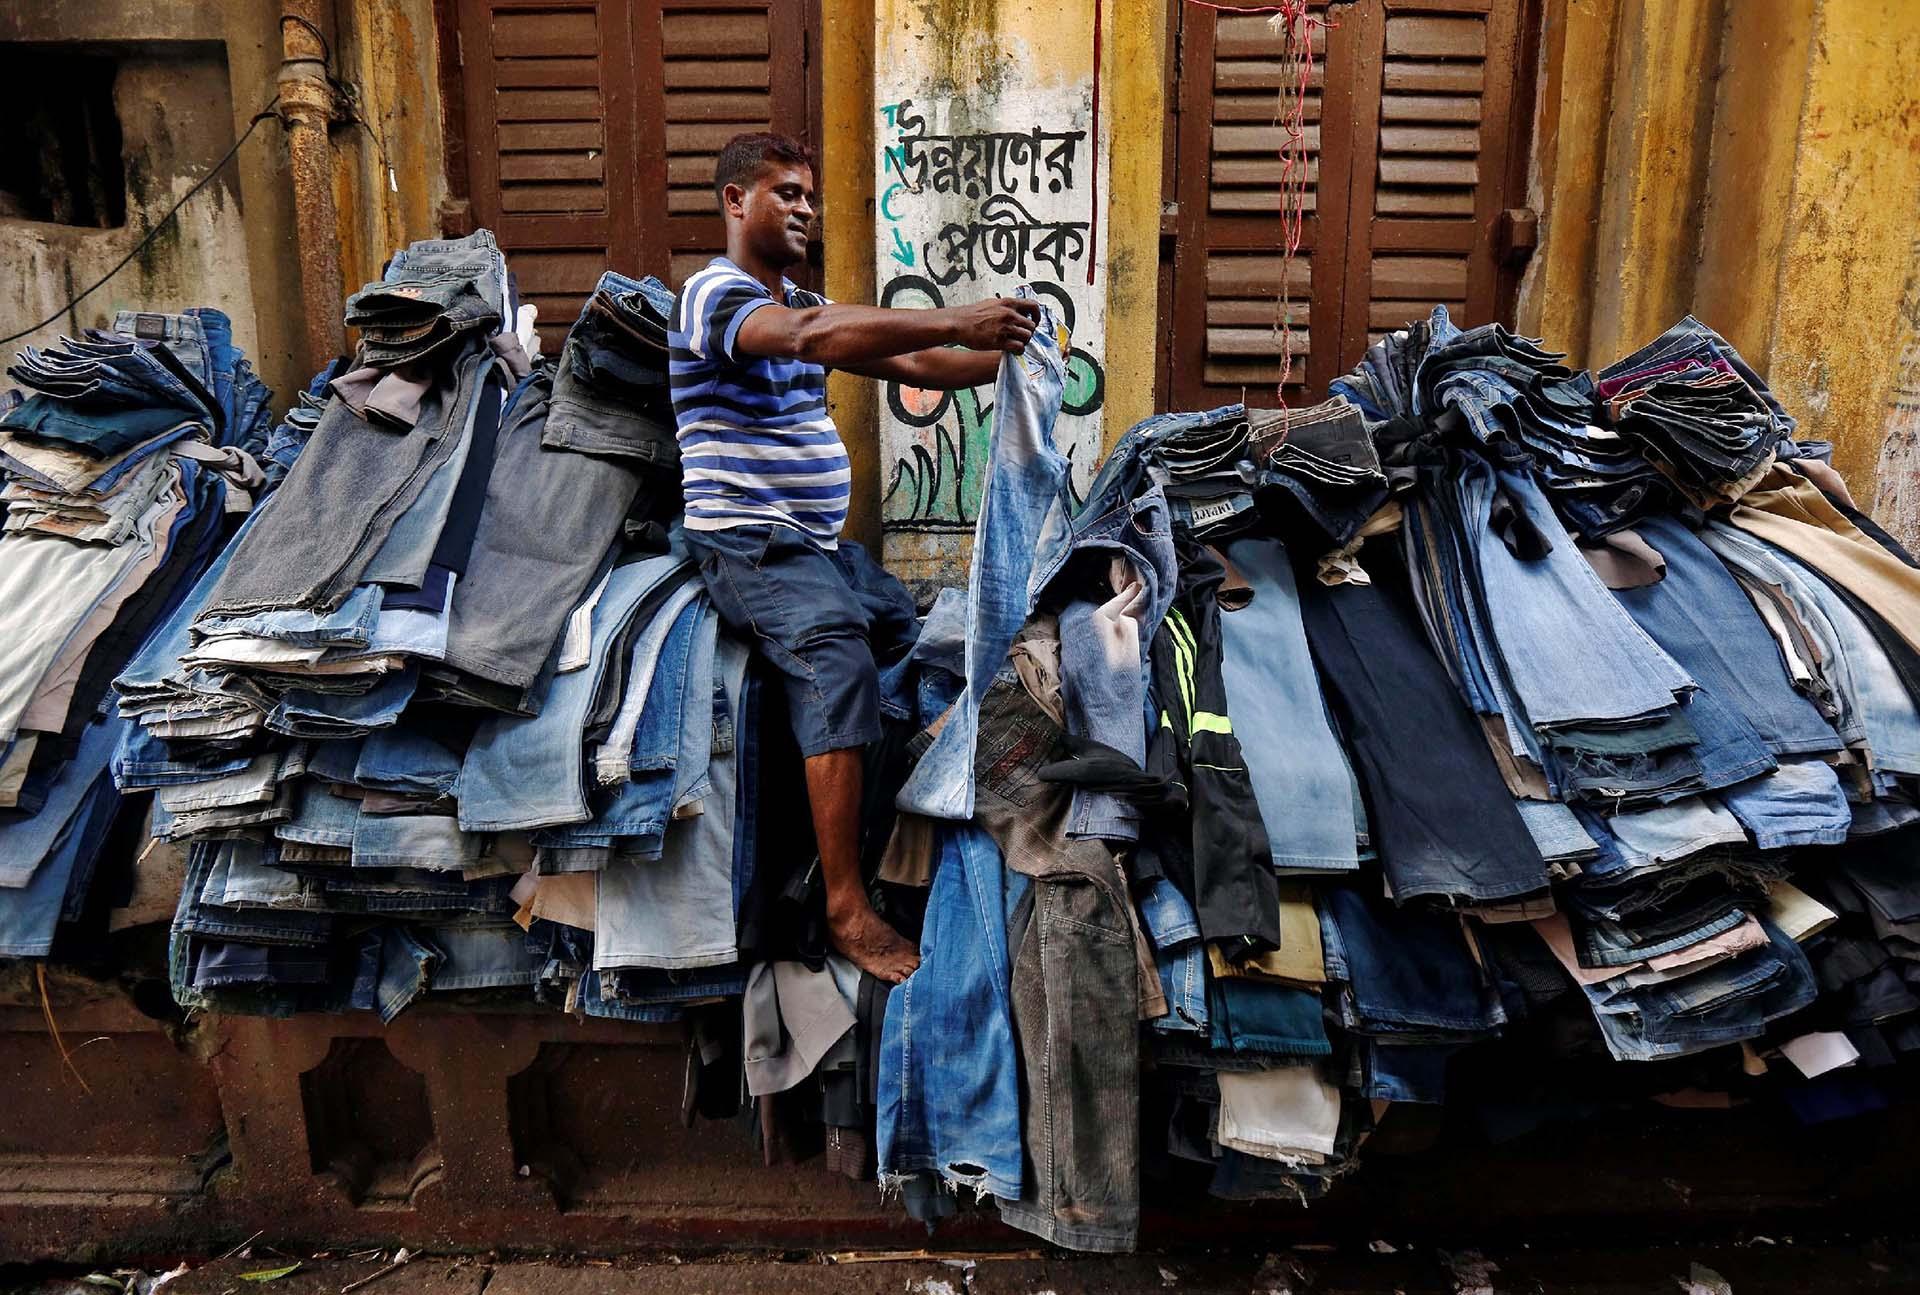 Un vendedor en un mercado de segunda mano de ropa, en Kolkata, India